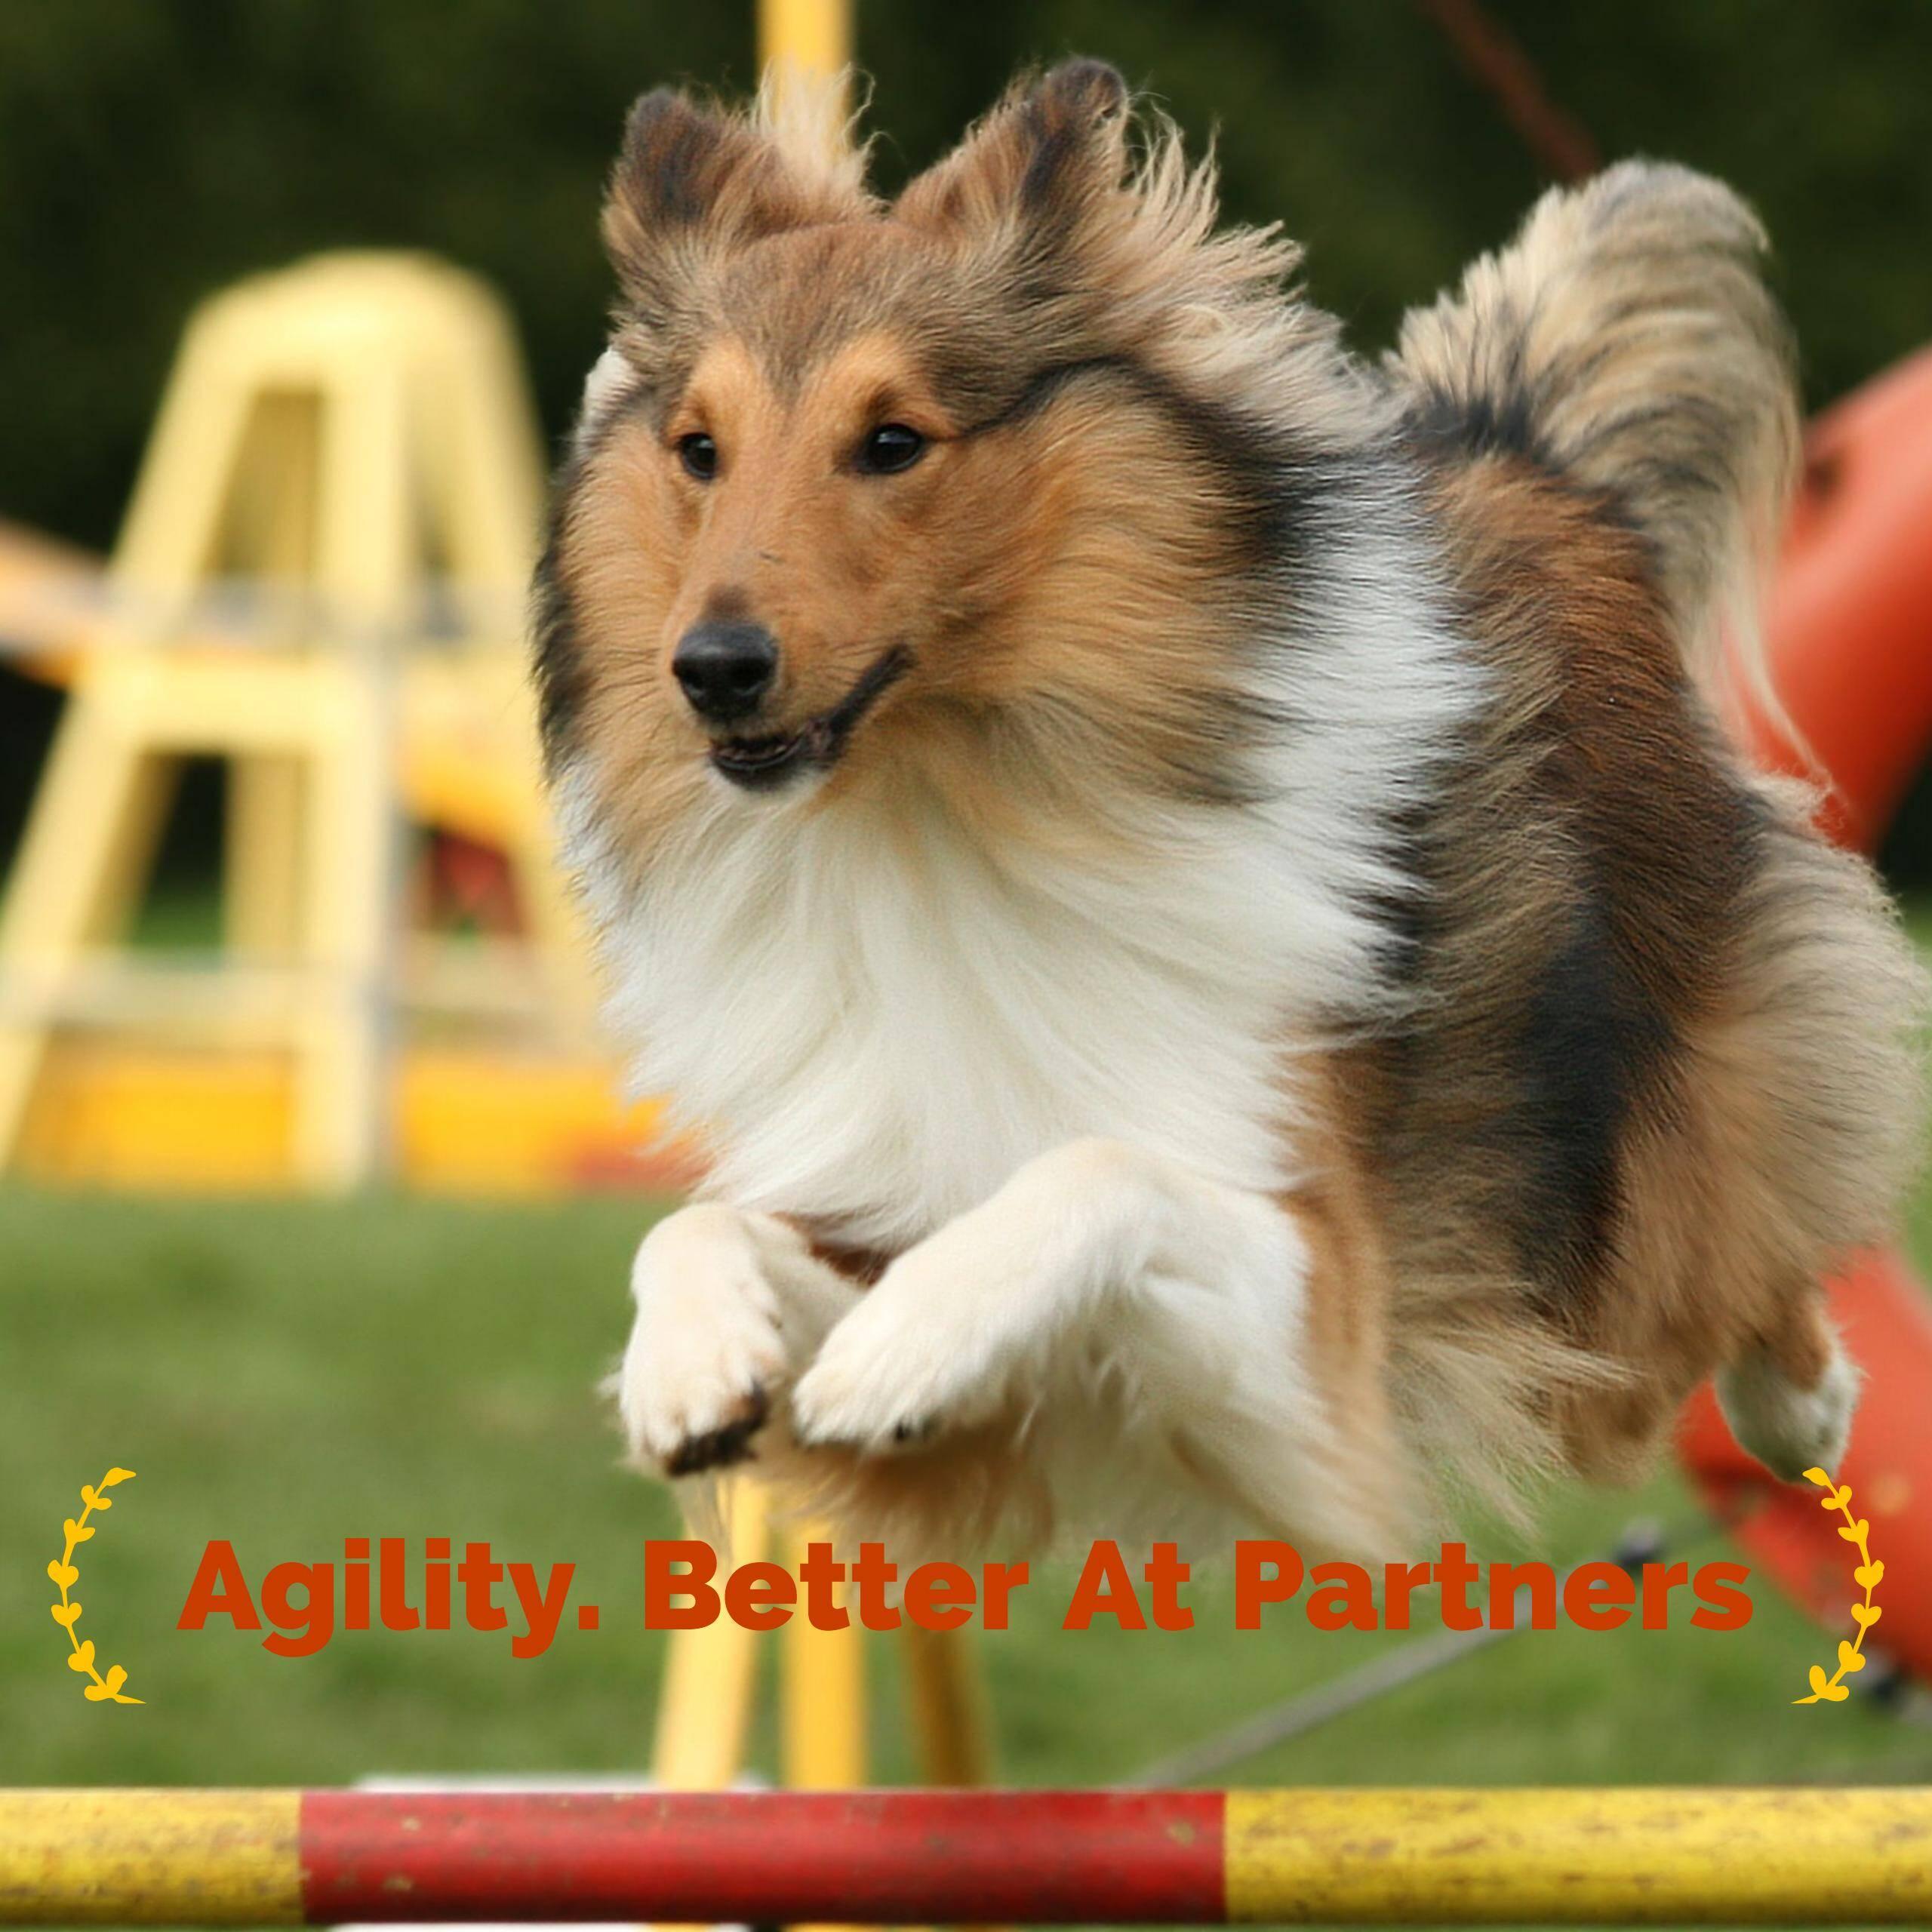 Best Dog Training Agility